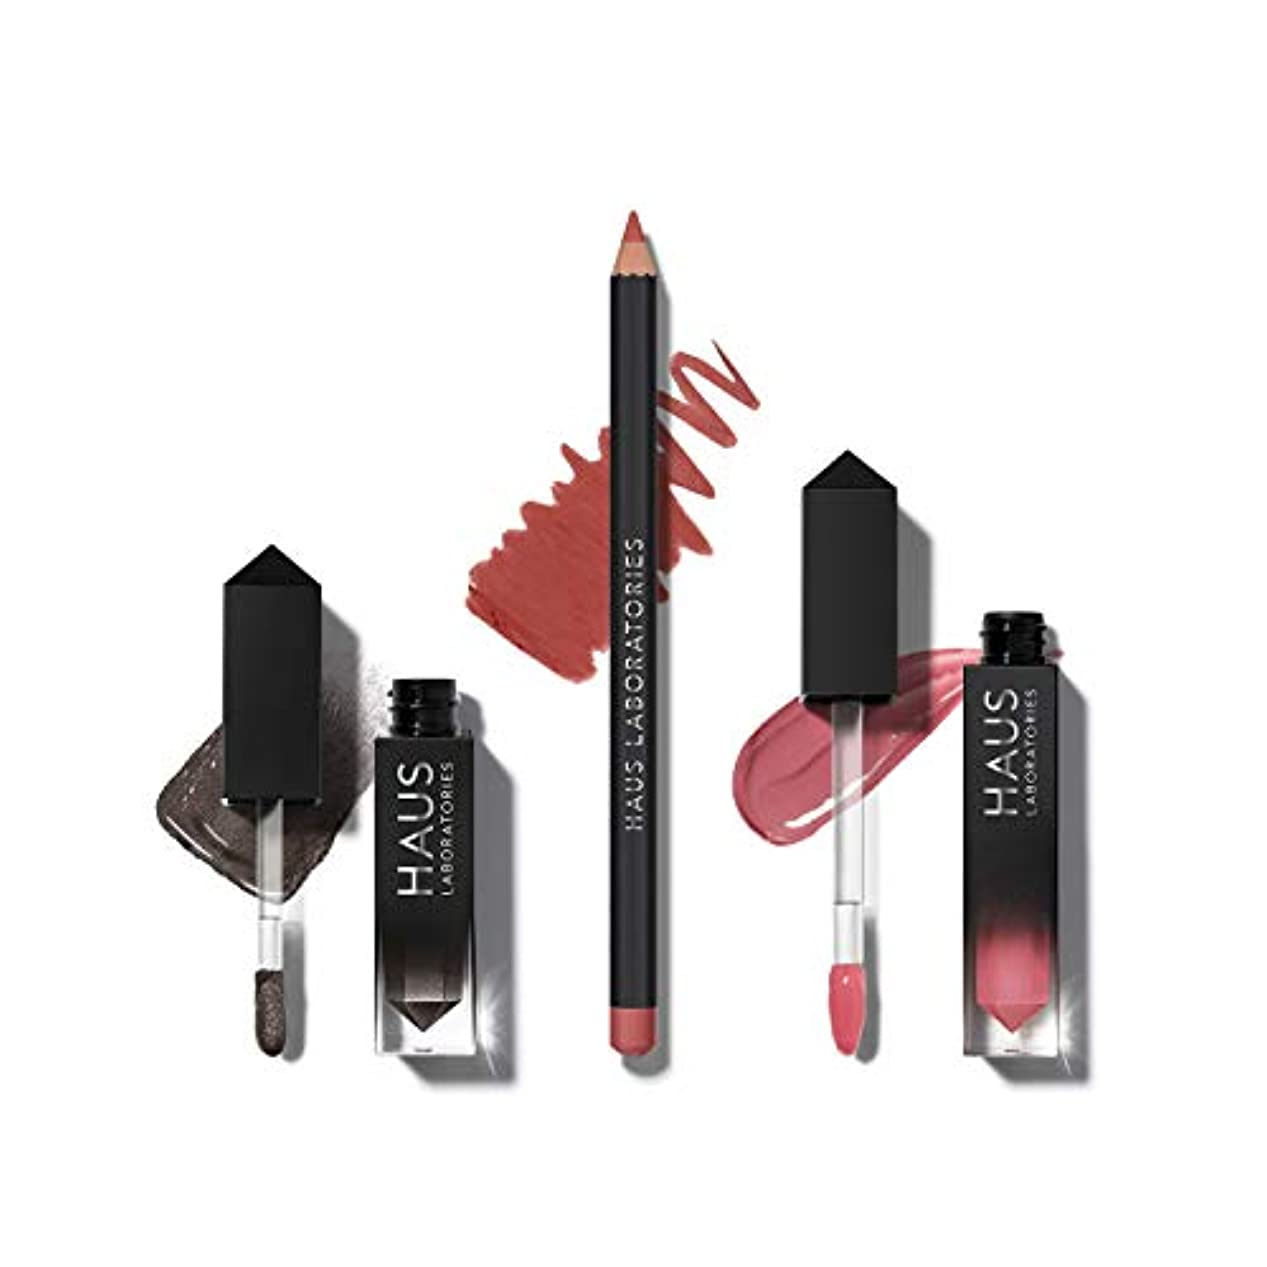 【プライムデー記念発売】HAUS LABORATORIES HAUS of Collections 3点セット All-Over Color, Lip Gloss, Lip Liner (HAUS of Metalhead)